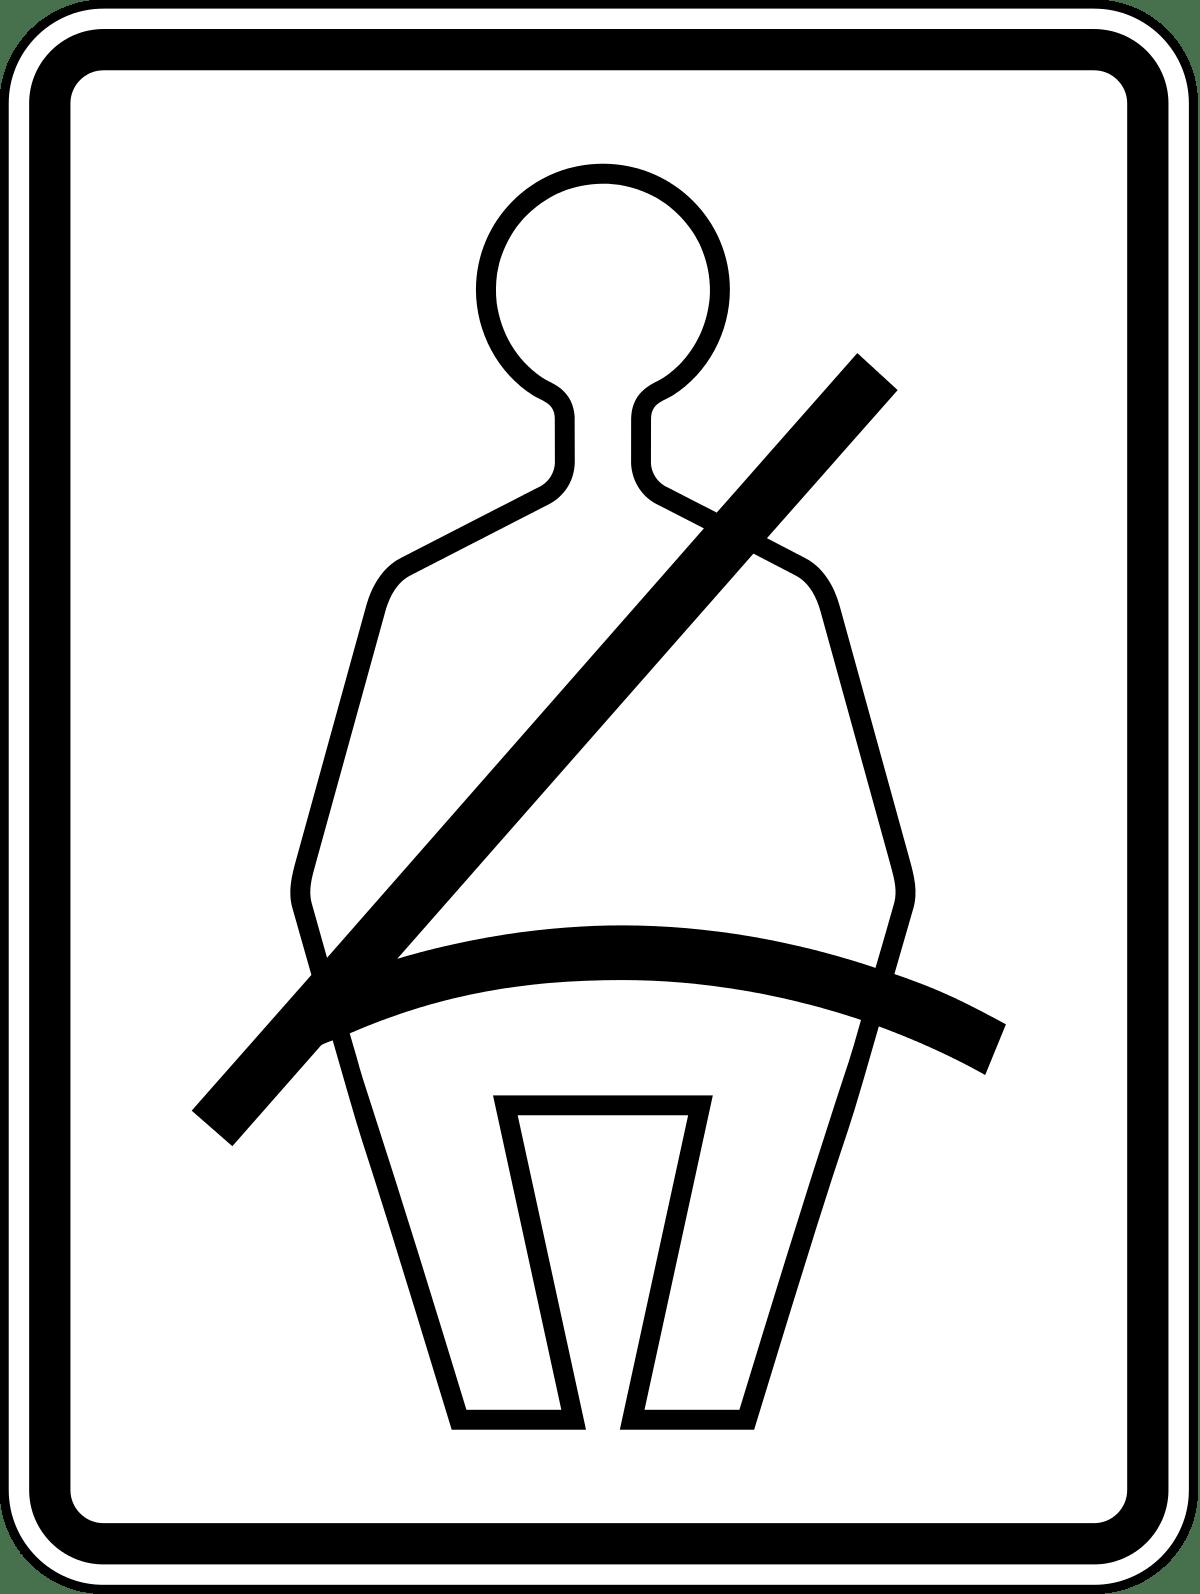 Seat belts clipart svg Seat Belt Rectangular Sign transparent PNG - StickPNG svg